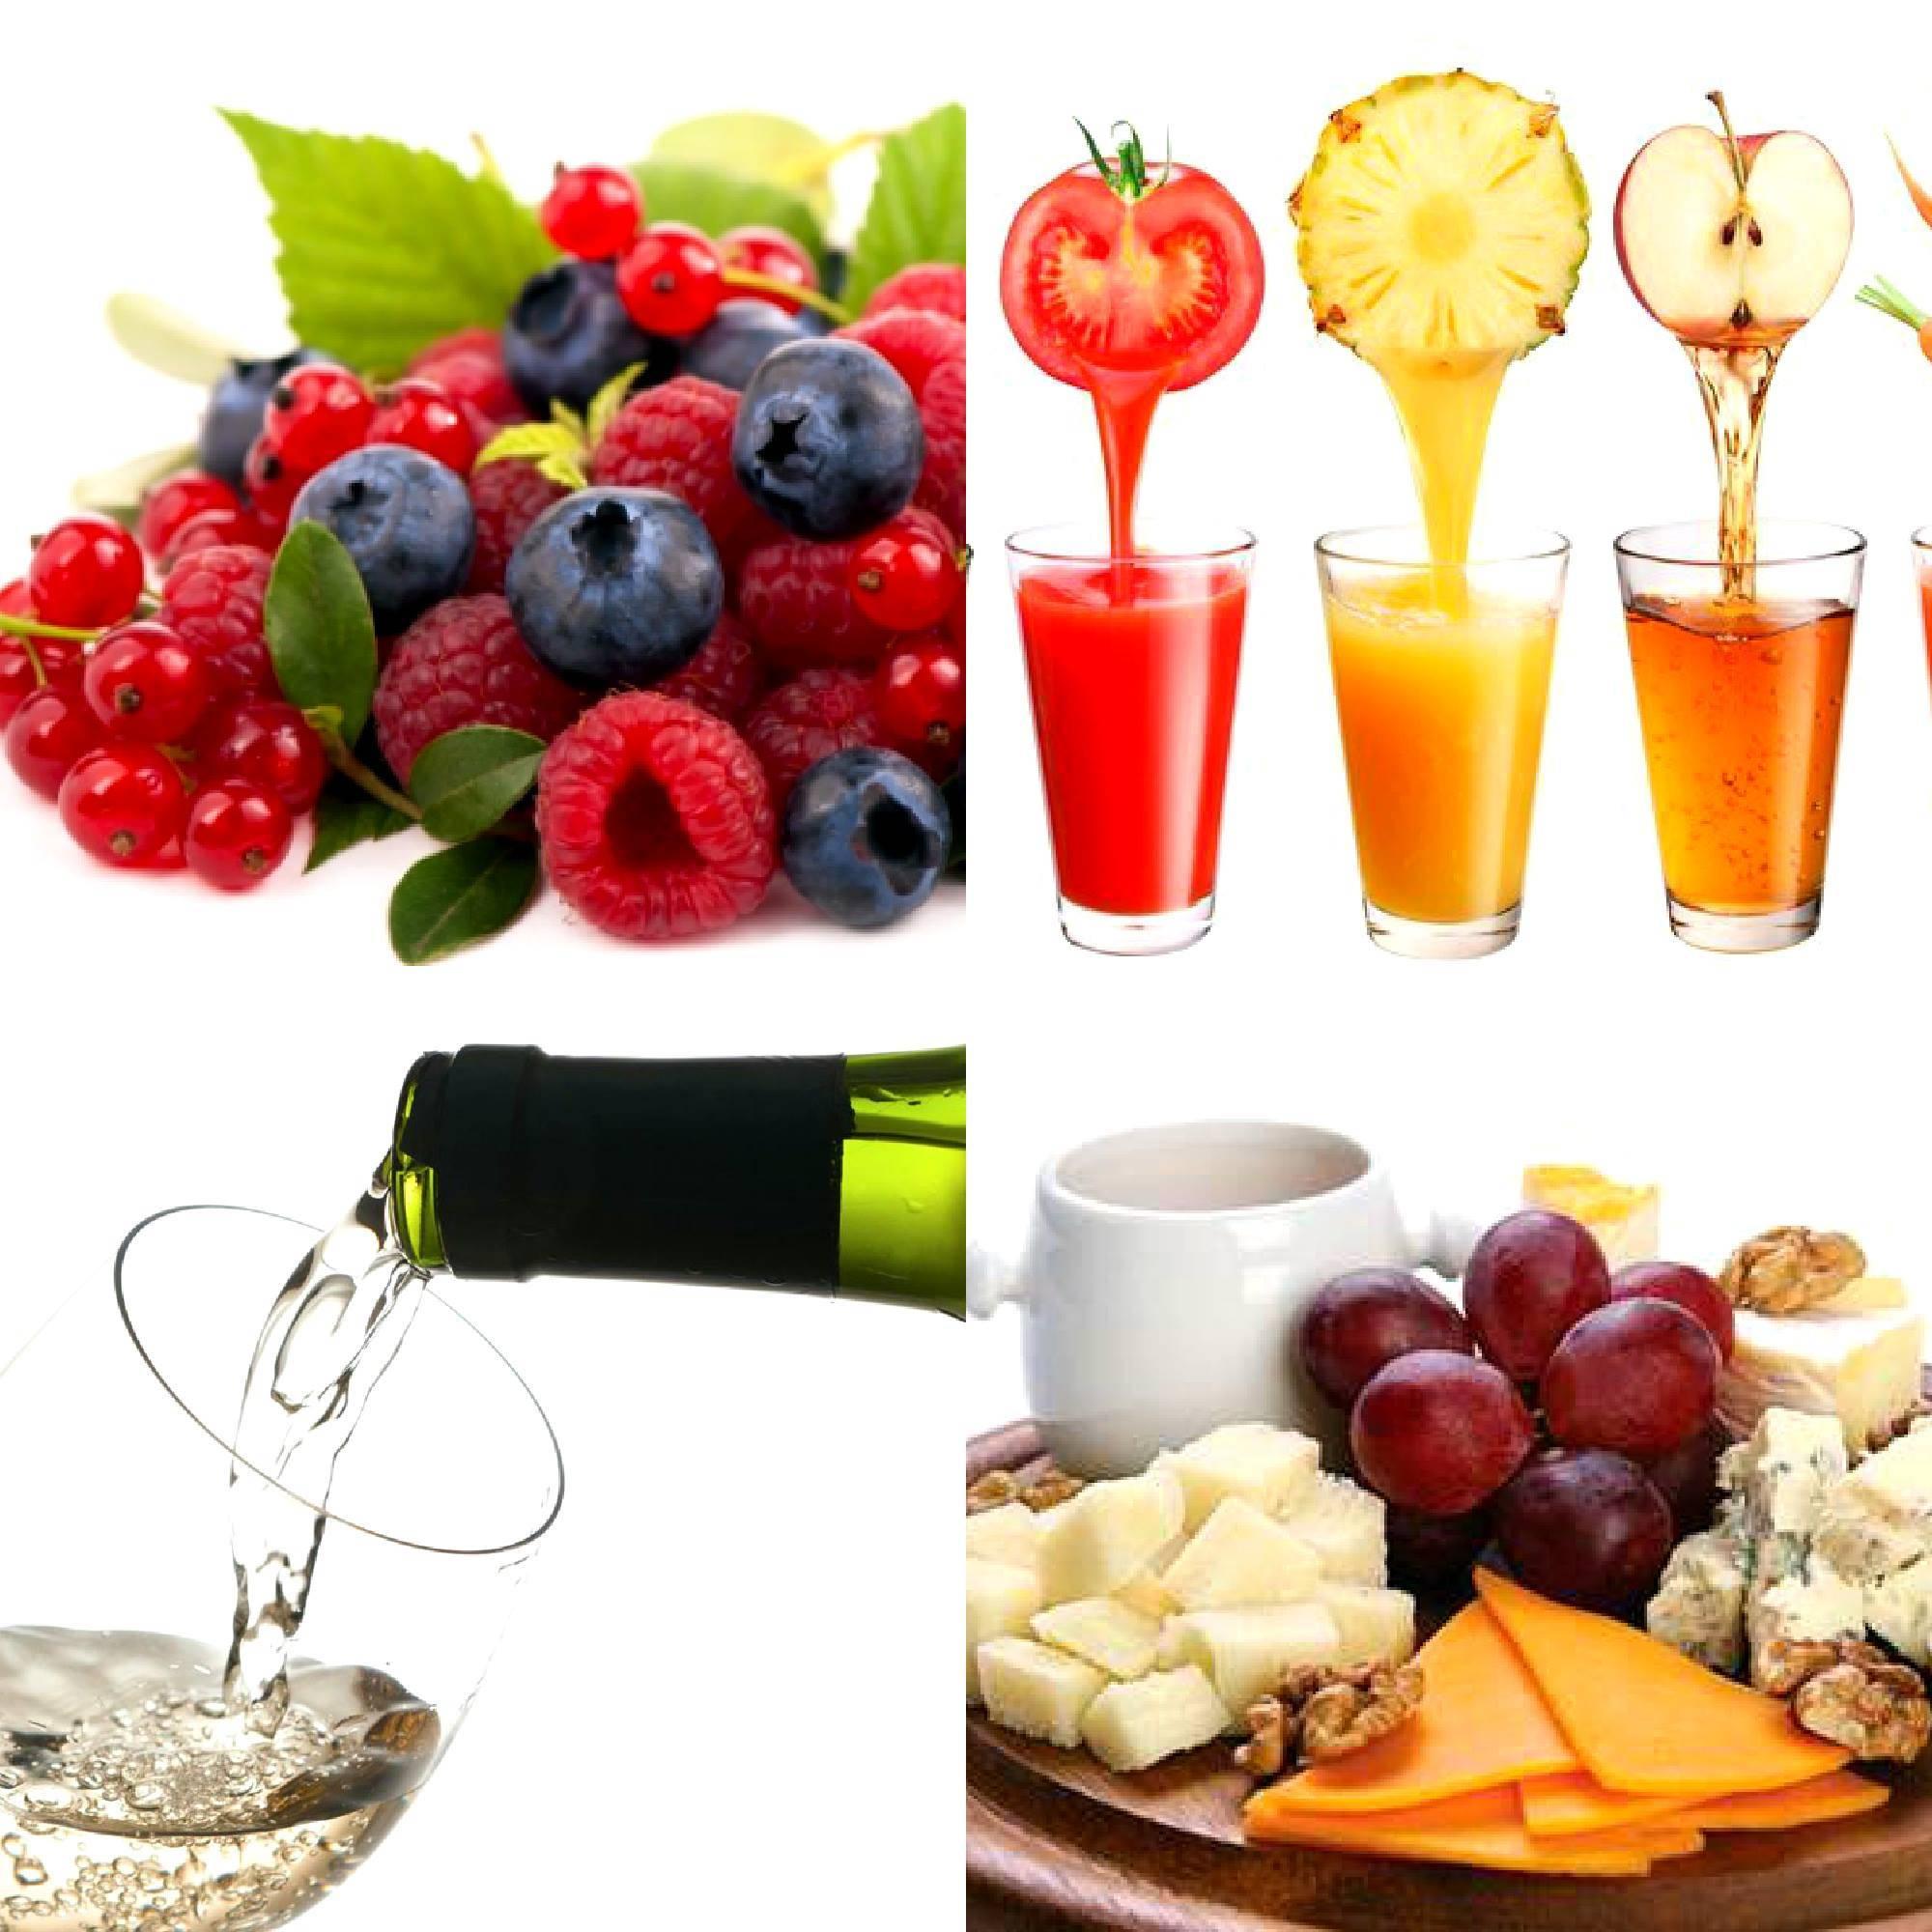 Топ 8 самых полезных фруктов для сердца и сосудов